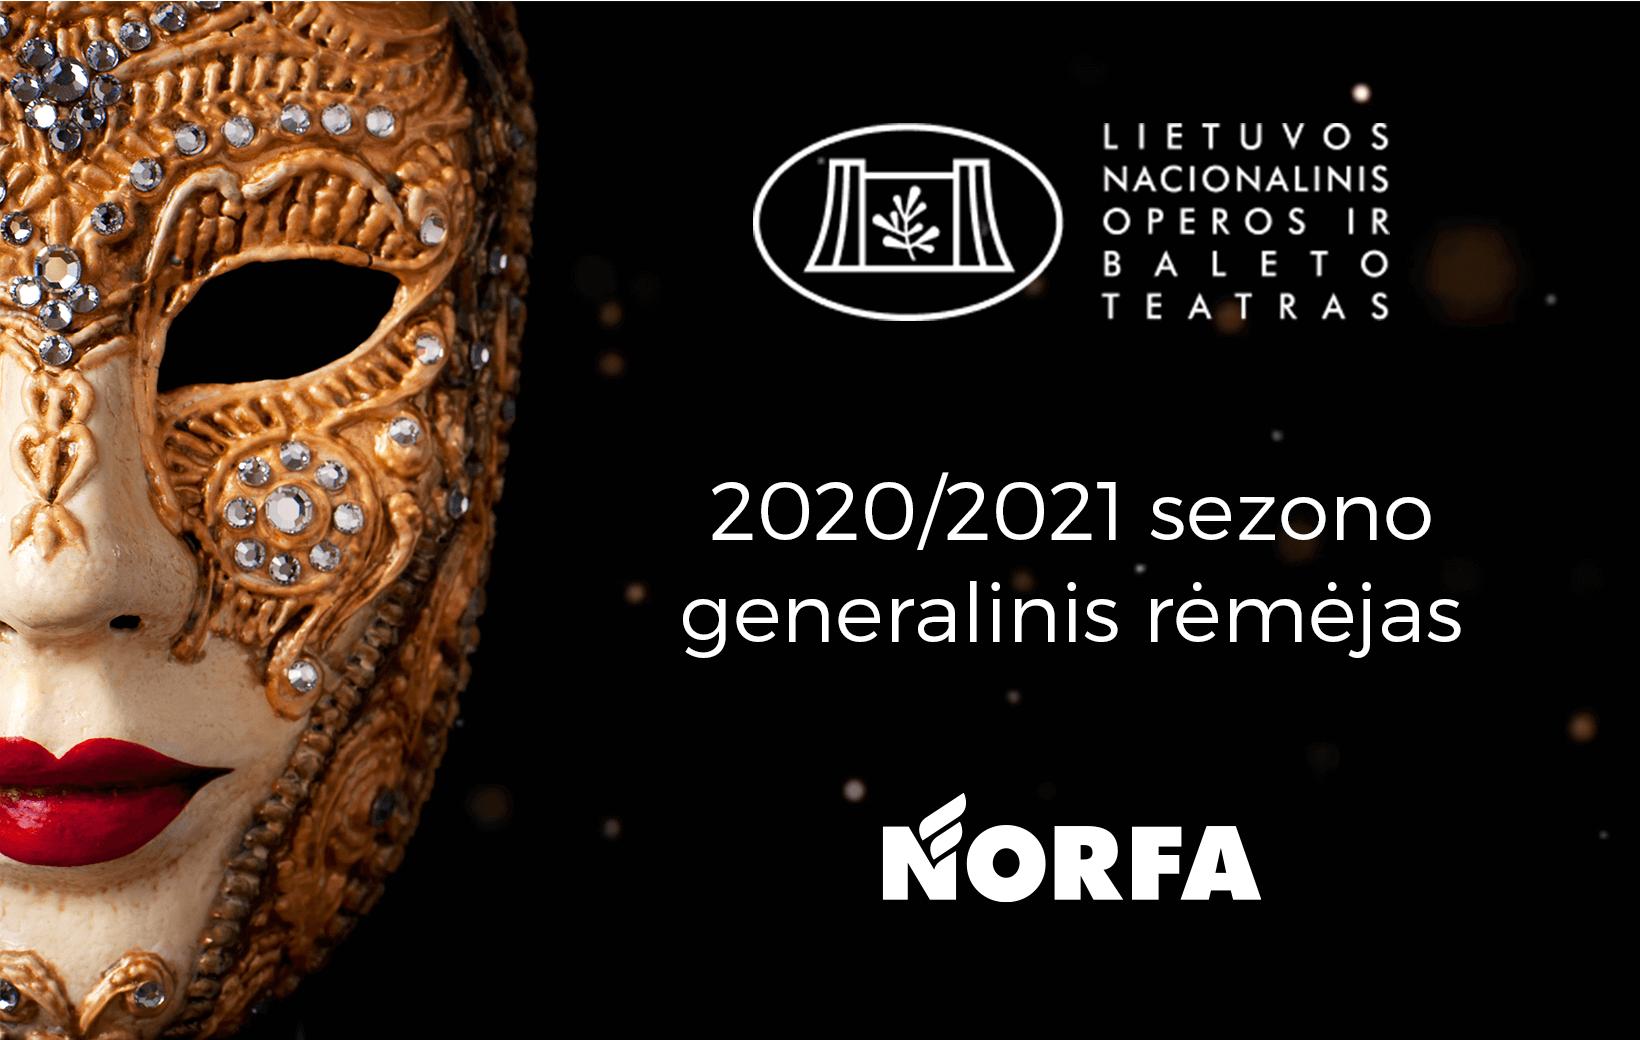 NORFA - Operos ir Baleto teatro 20/21 sezono generalinis rėmėjas